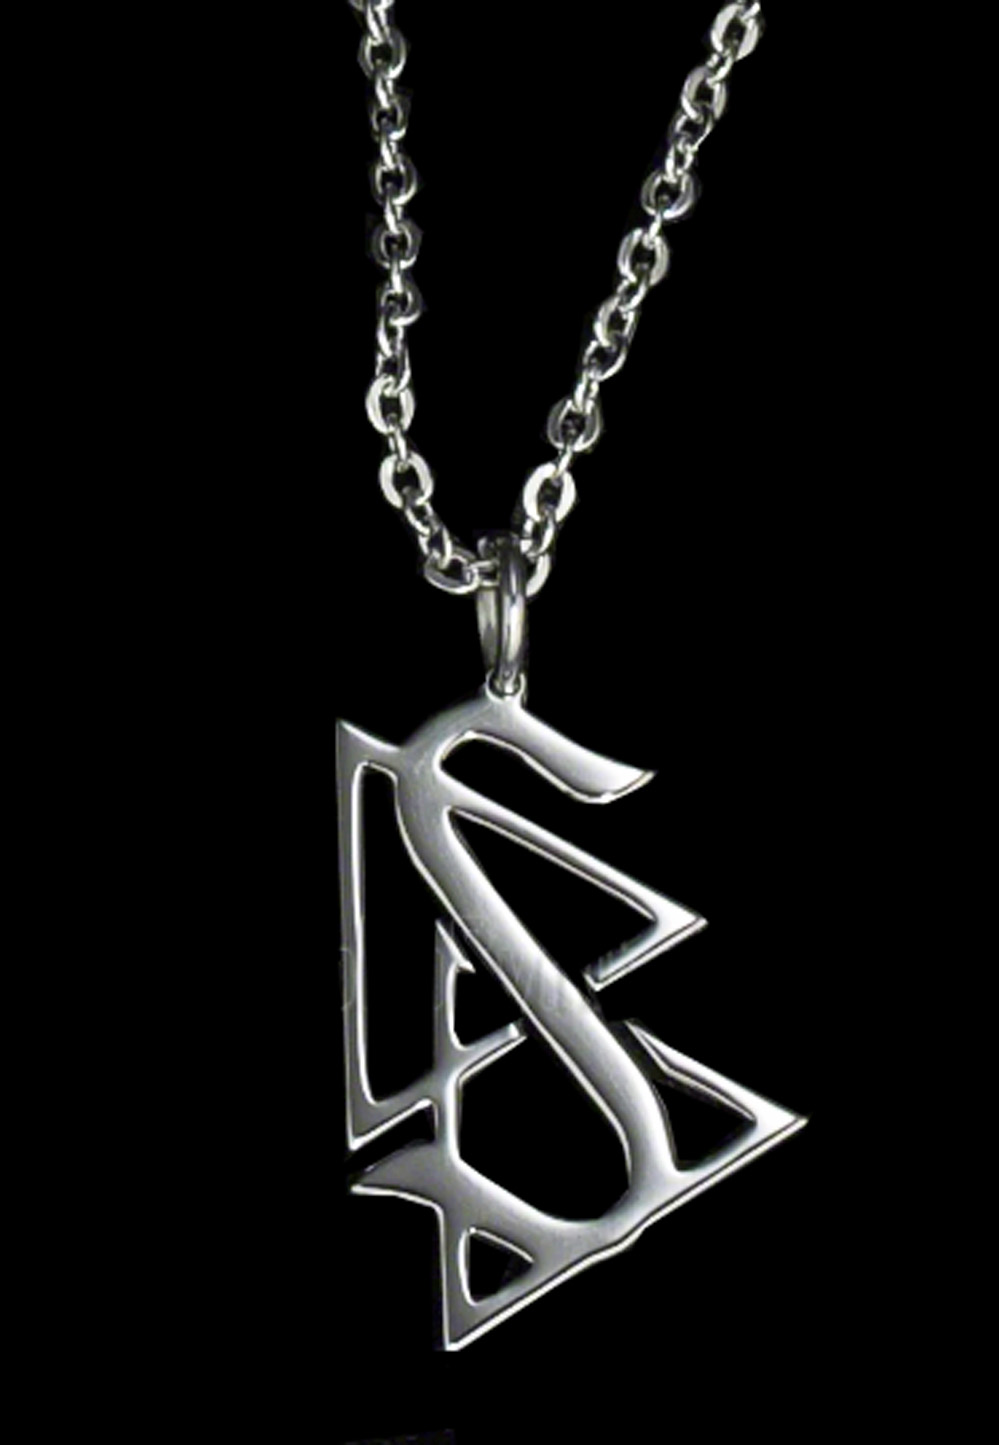 Scientologi-symbolet, som blir kalt New Era, er kjent, med en S og to trekanter. (De såkalte ARC- og KRC-trekantene.) Det betyr ikke at Frankie Jonas' profilerte venner vet at hva at de viser frem et Scientologi-kjede.